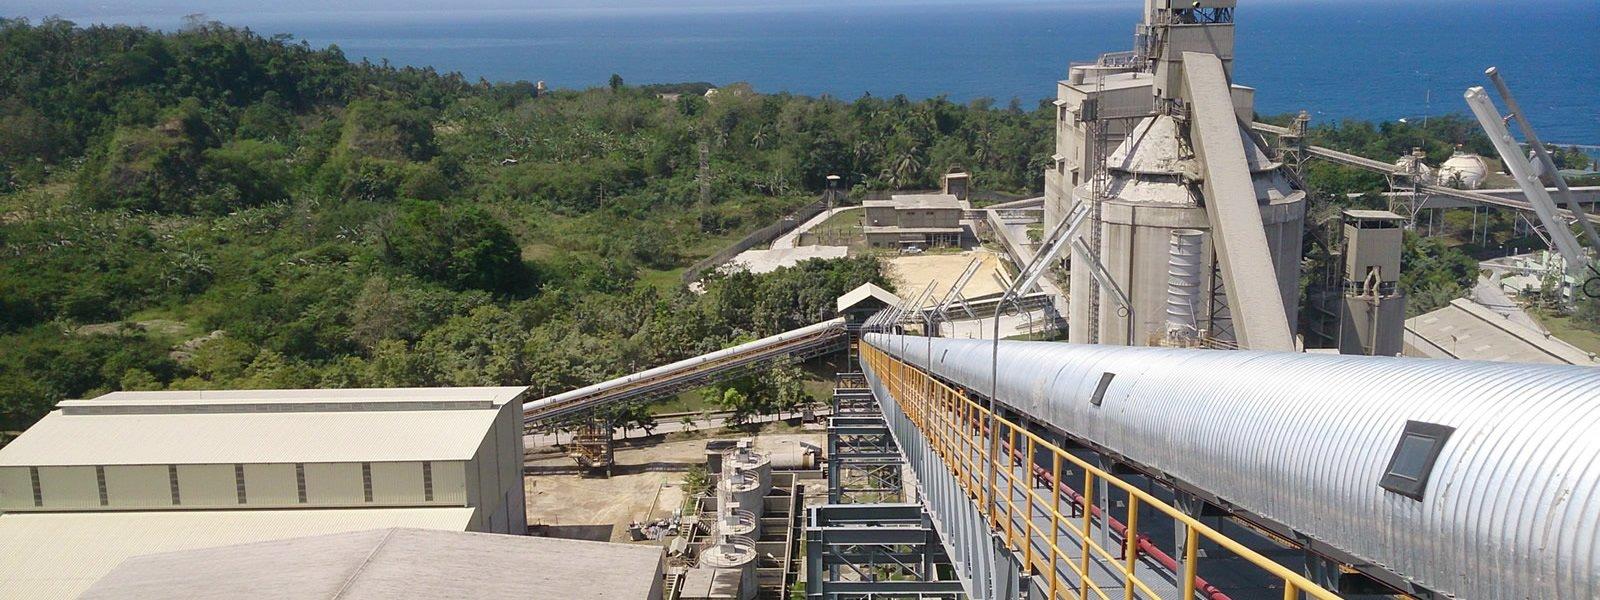 Installation pour combustibles alternatifs ATS Group, Walter Materials Handling en cimenterie aux Philippines à Lugait